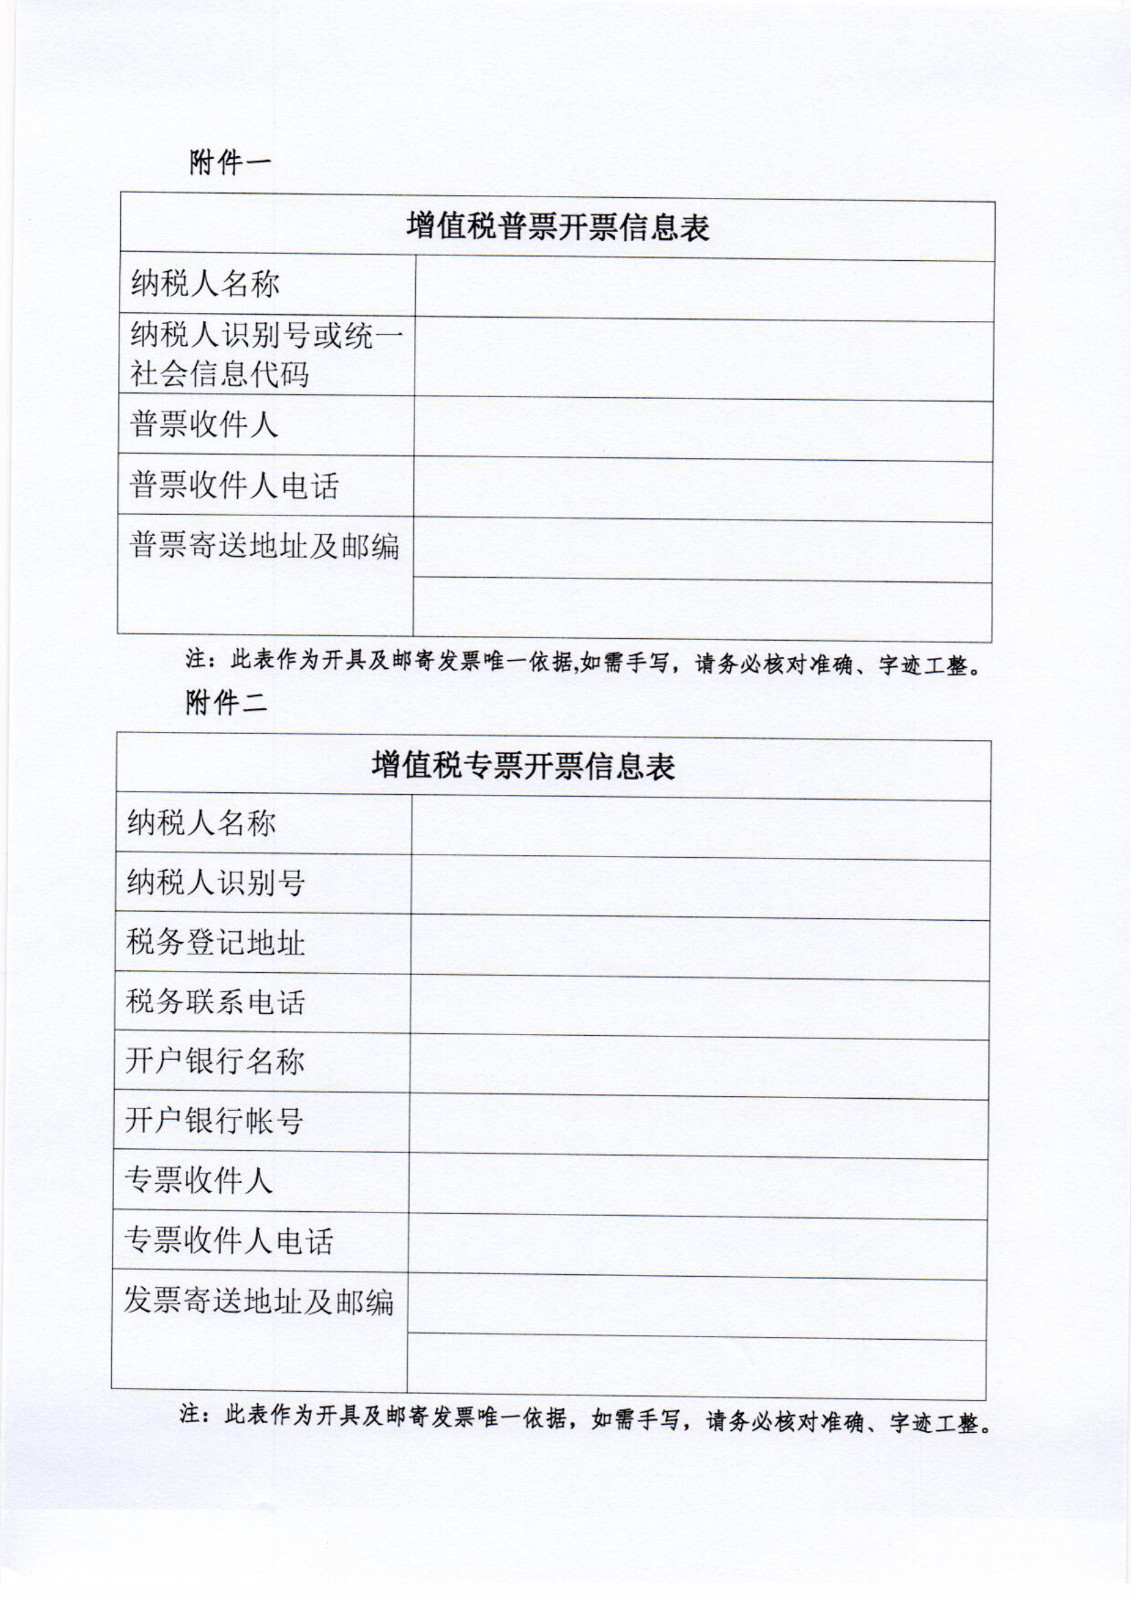 2018全国广告审查法律法规培训班(第一期)的通知(中广协〔2018〕7号)-4.jpg